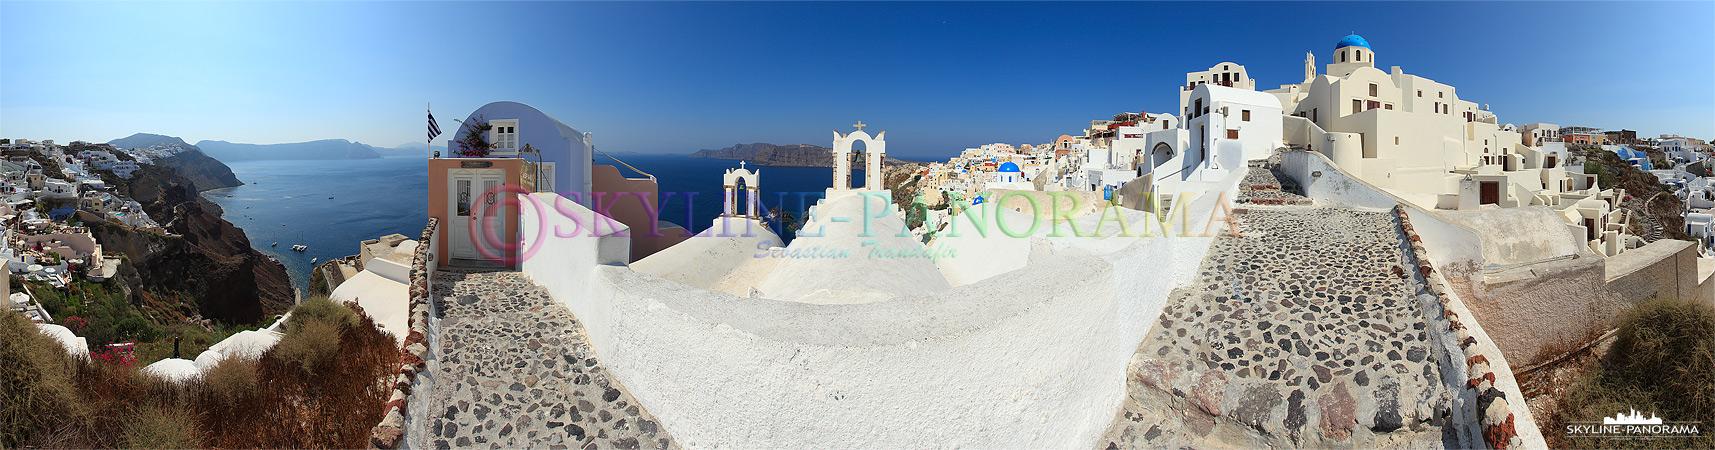 Bilder der Insel Santorini in Griechenland - Oia bietet unzählige malerische Perspektiven, die sich wunderbar für das Panoramaformat eignen.